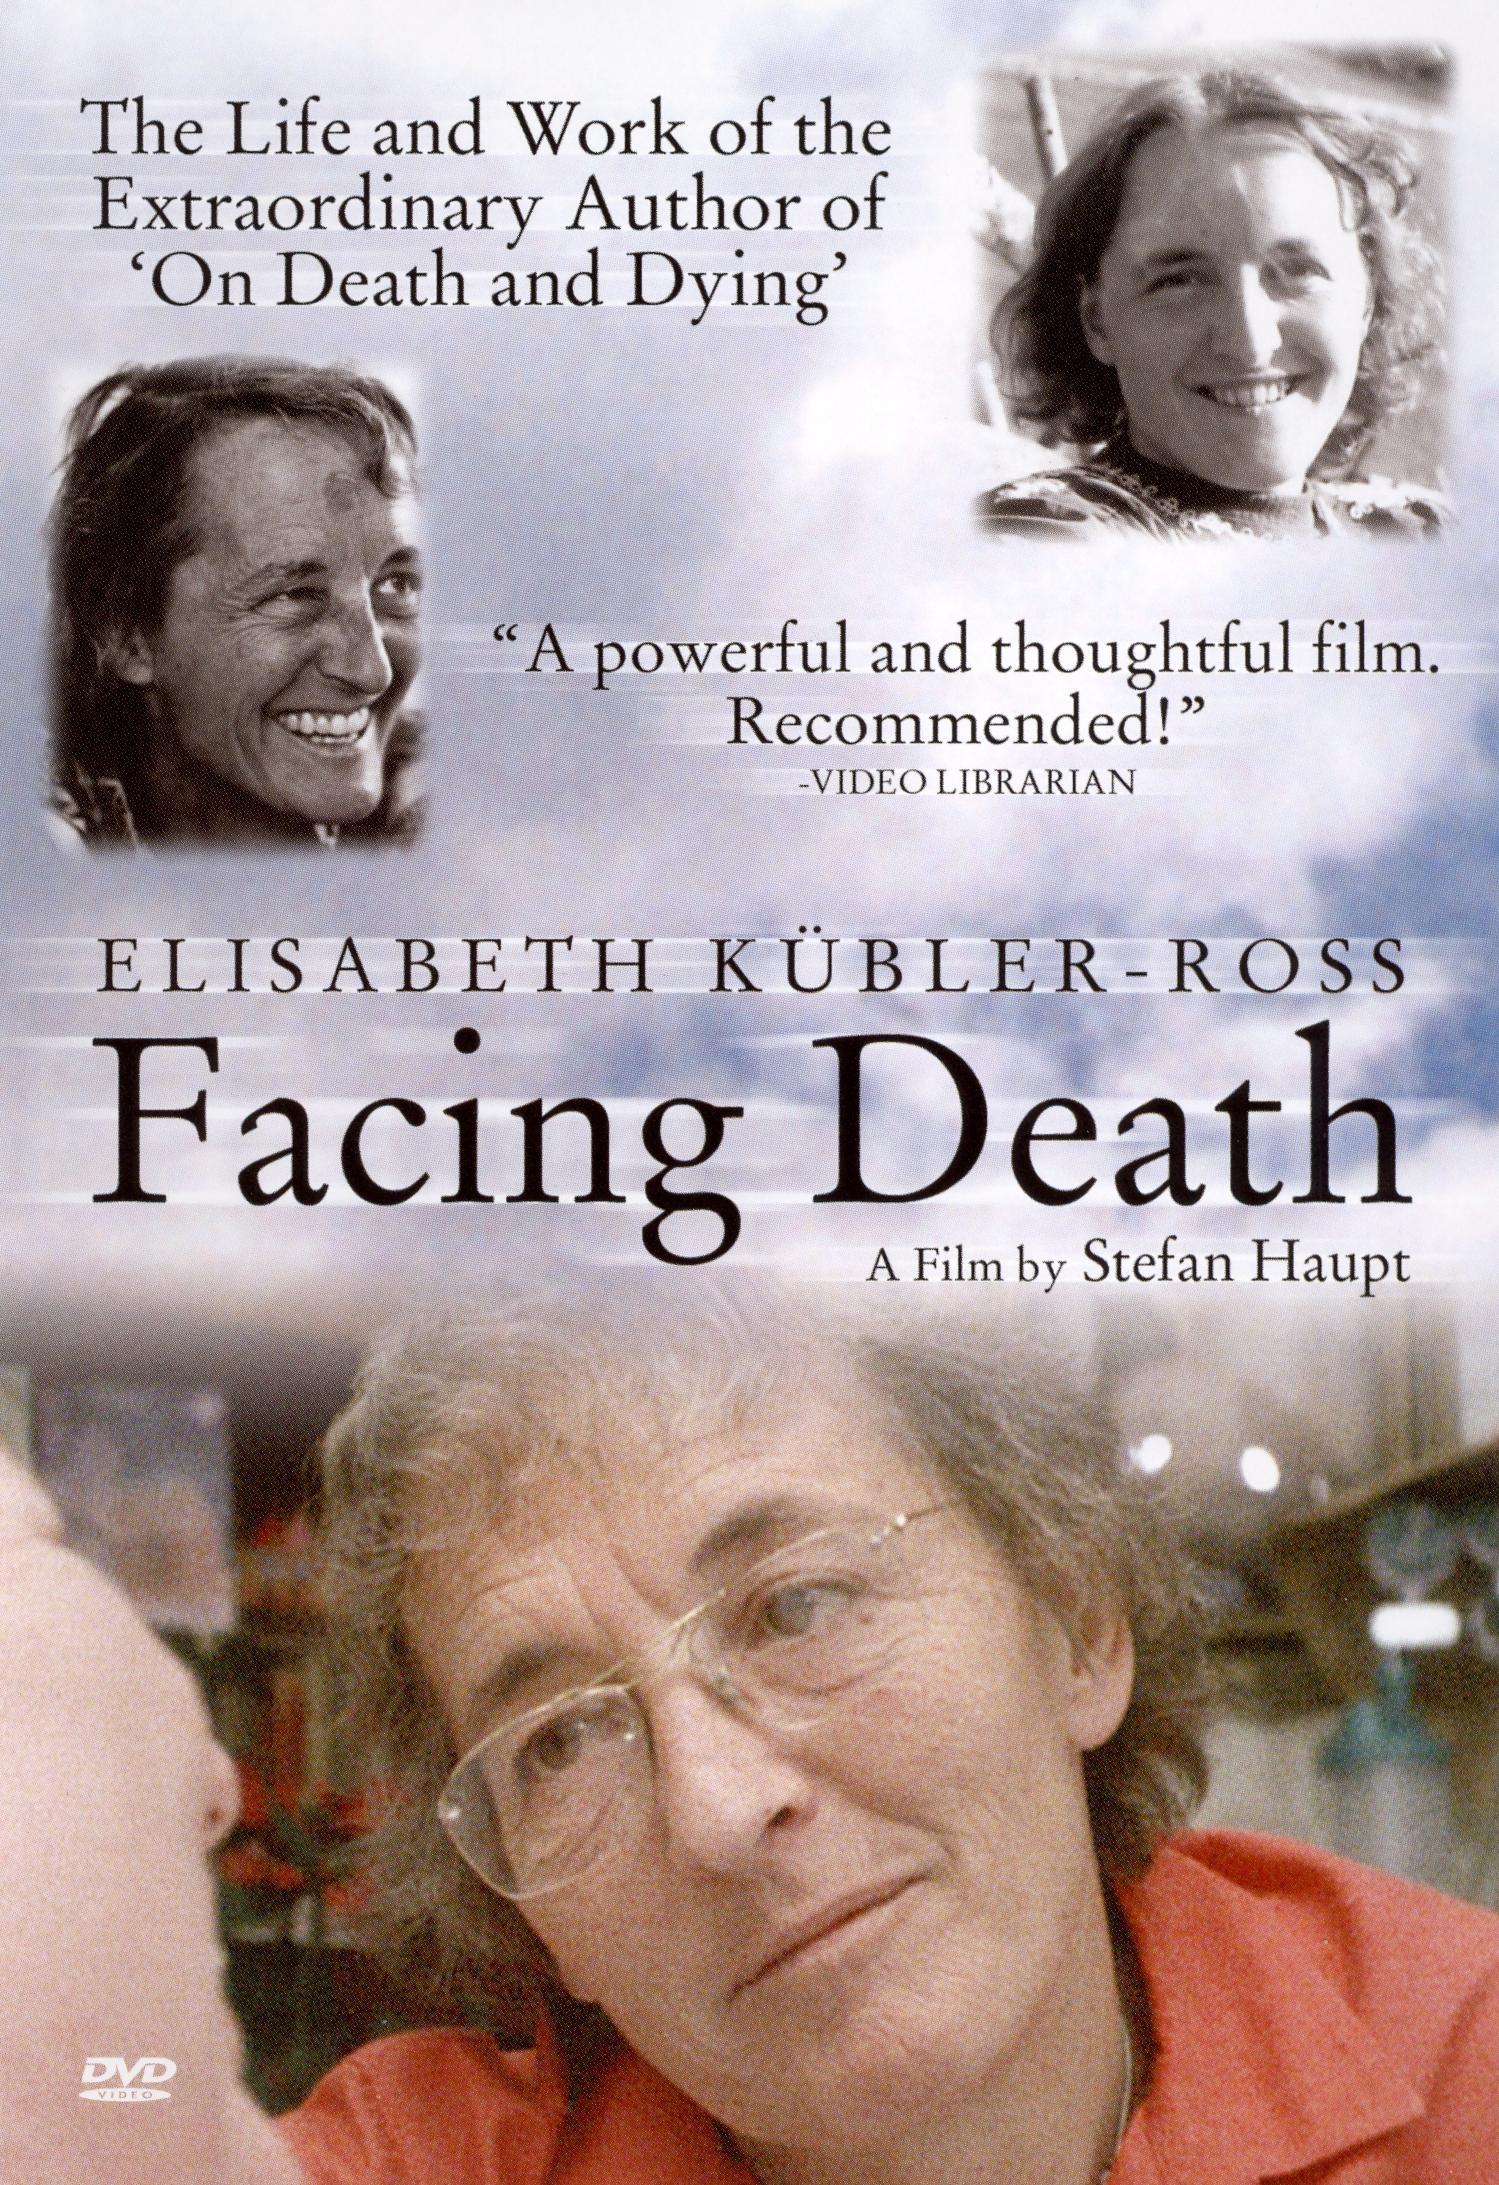 Elisabeth Kübler-Ross: Facing Death